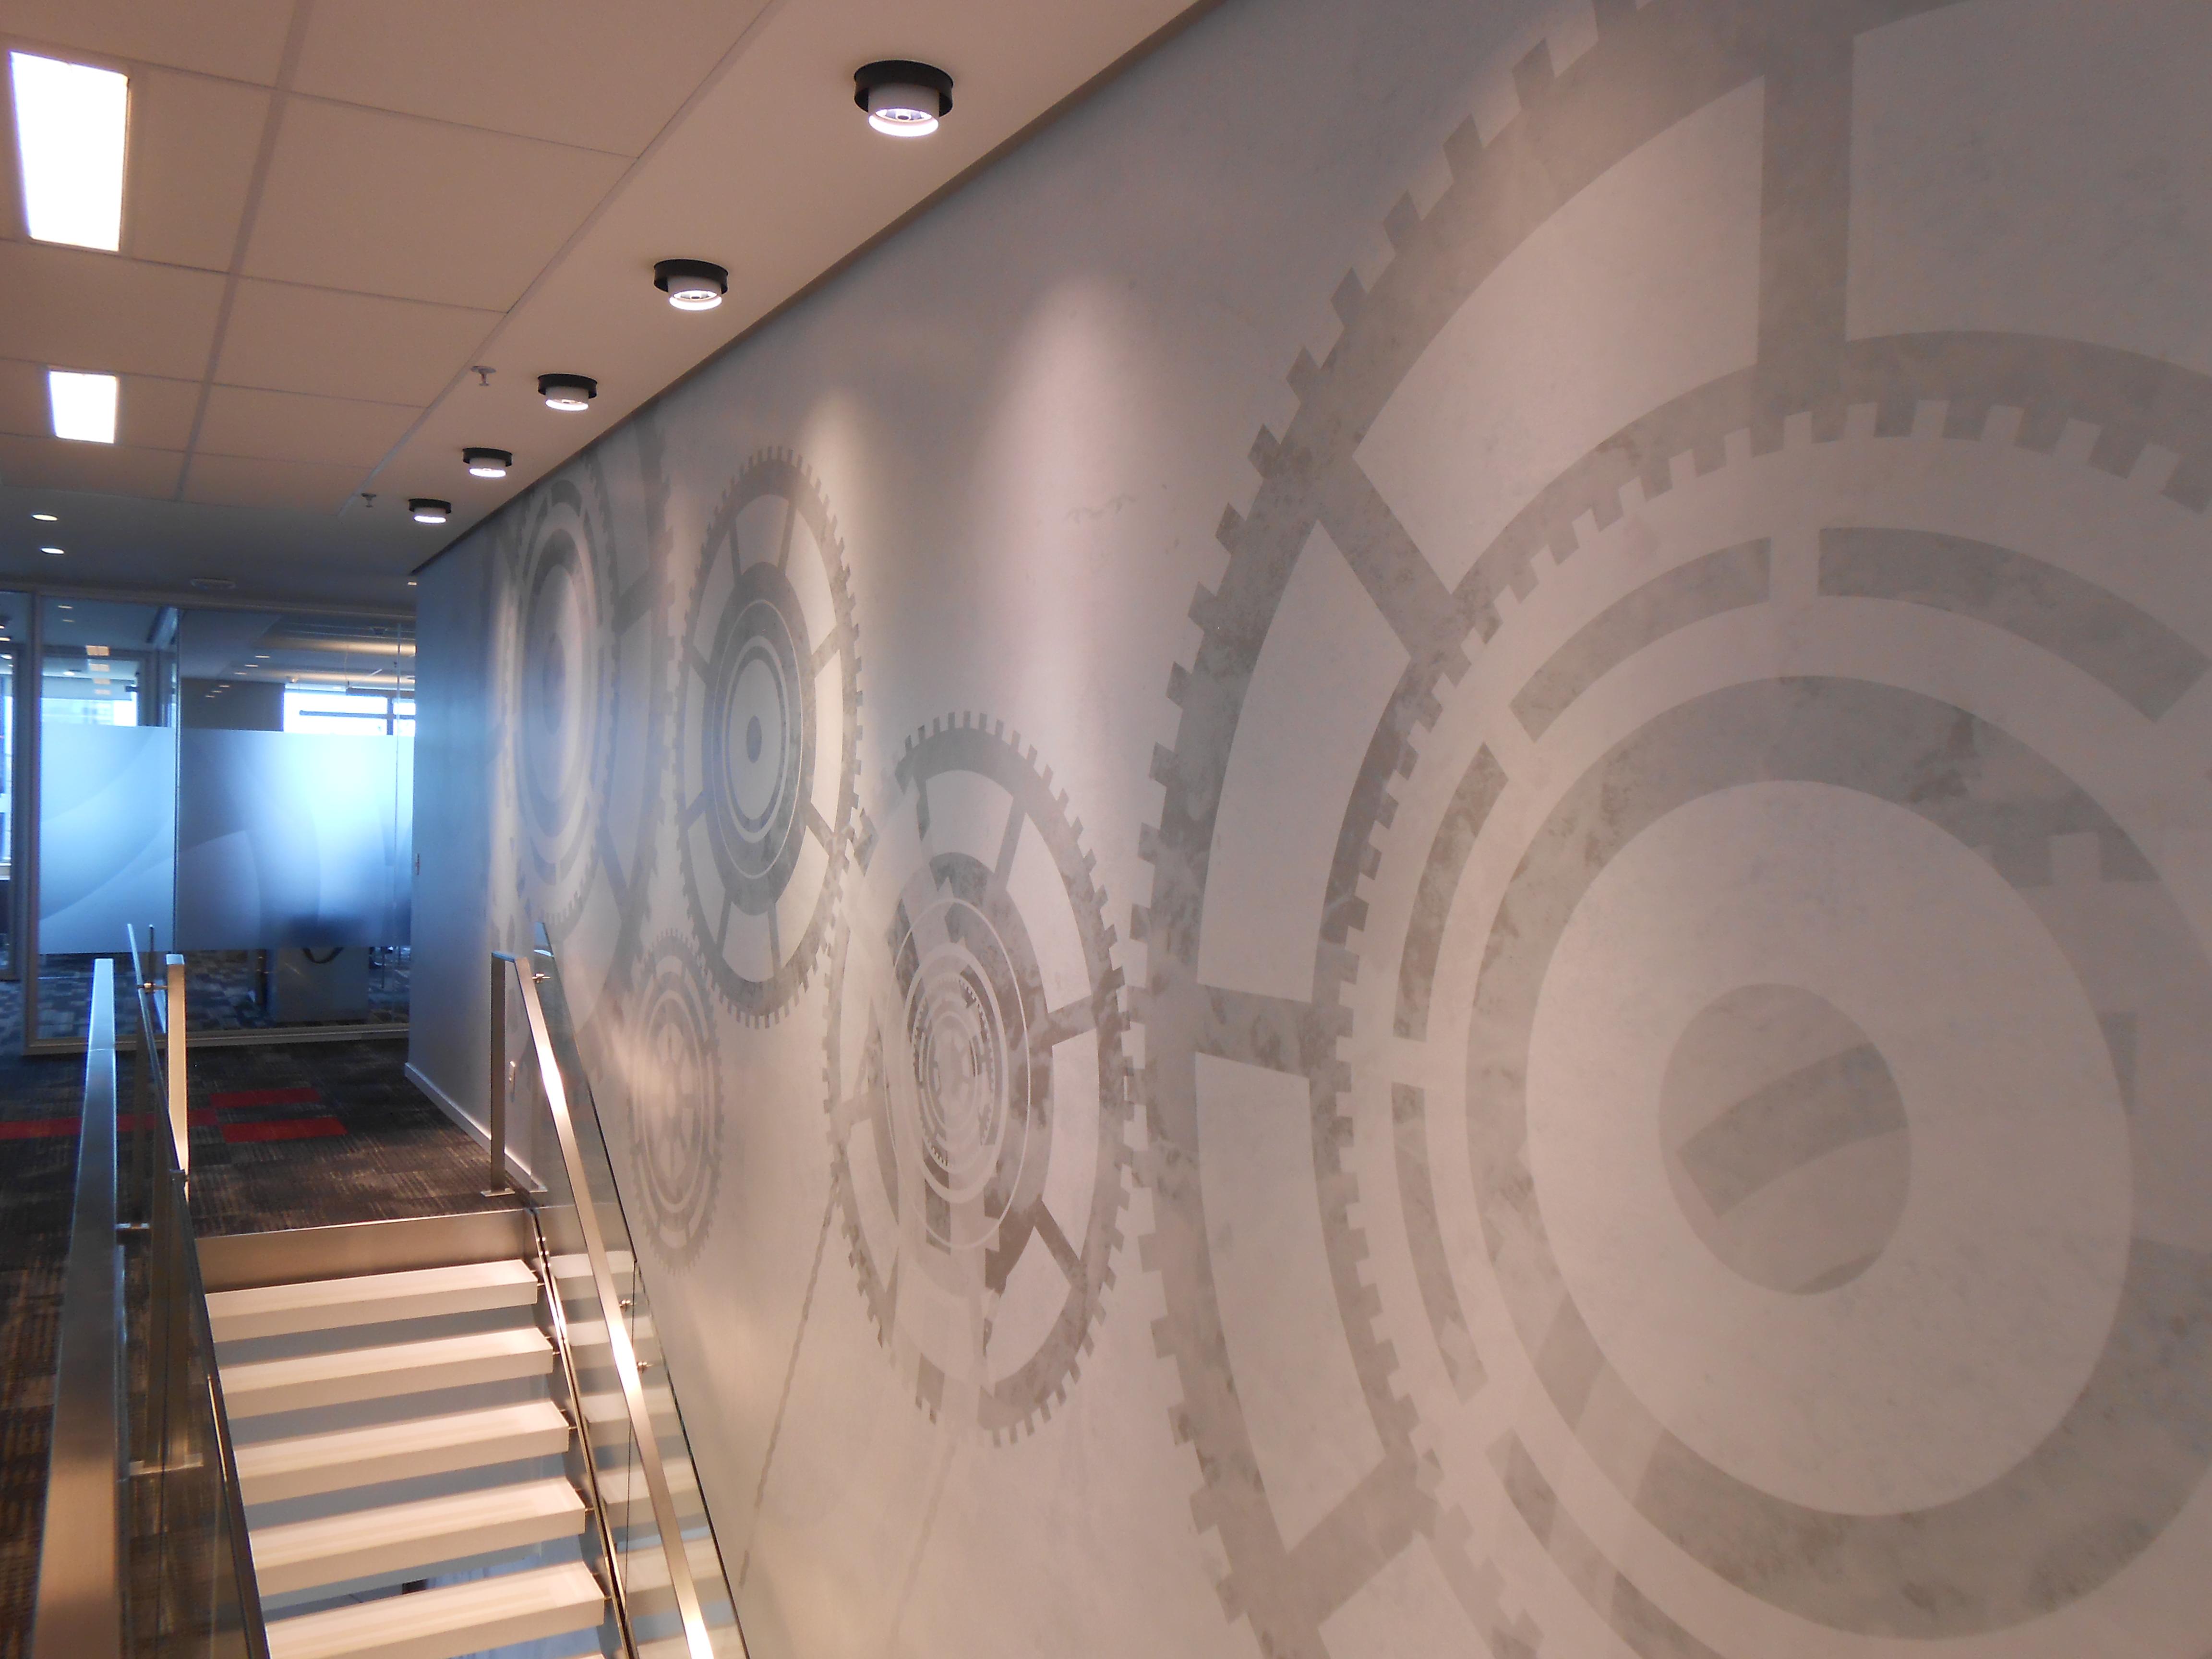 grafico en pared escalera